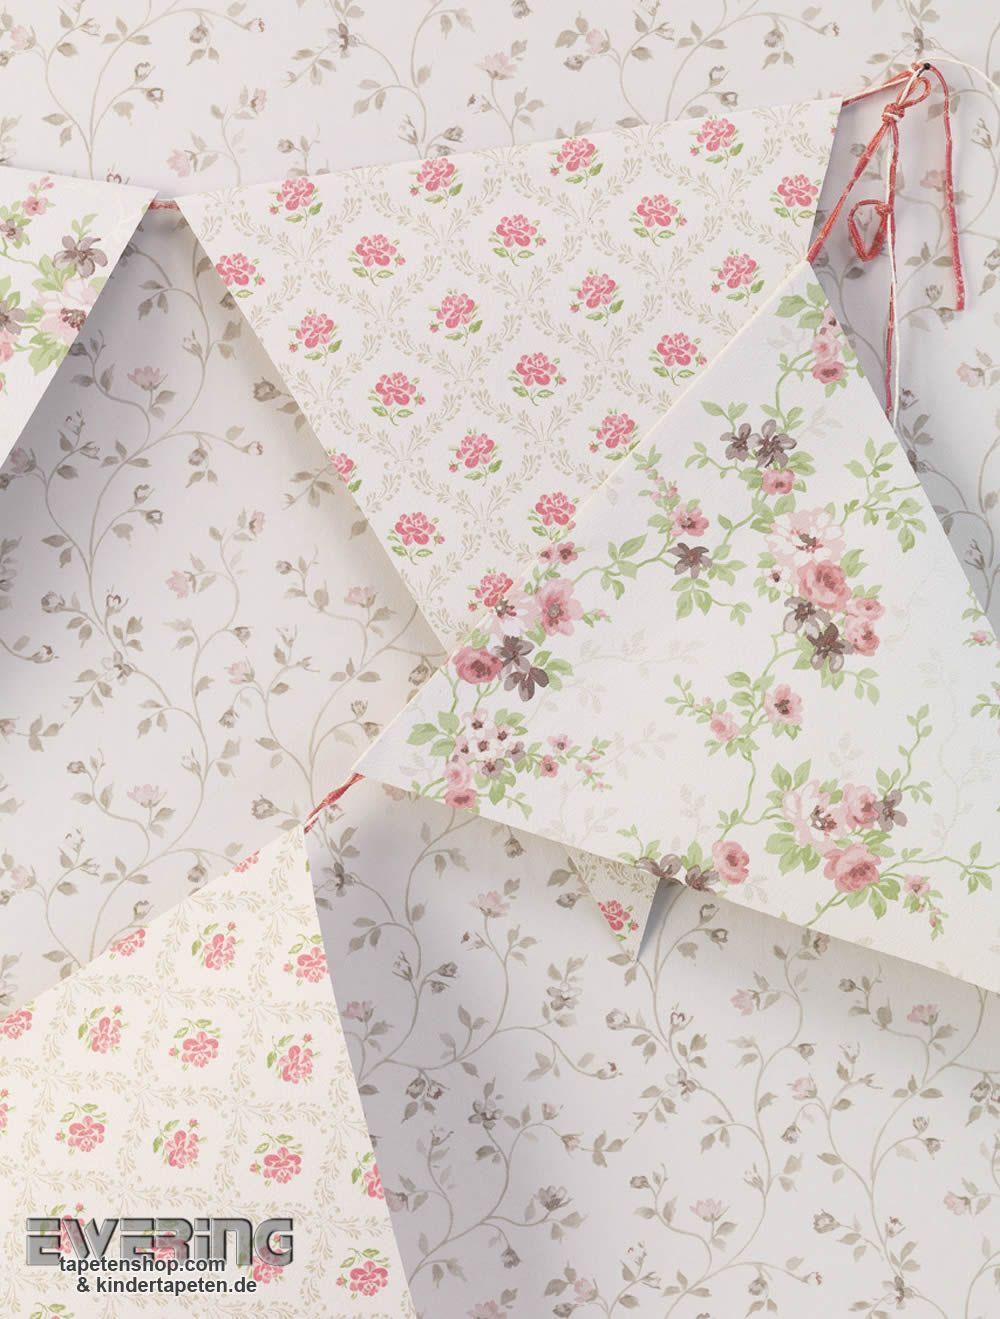 Rasch Textil Petite Fleur 3 11 Diese Rosa Und Roten Blümchen Der Drei  Mustertapeten Bringen Farbe